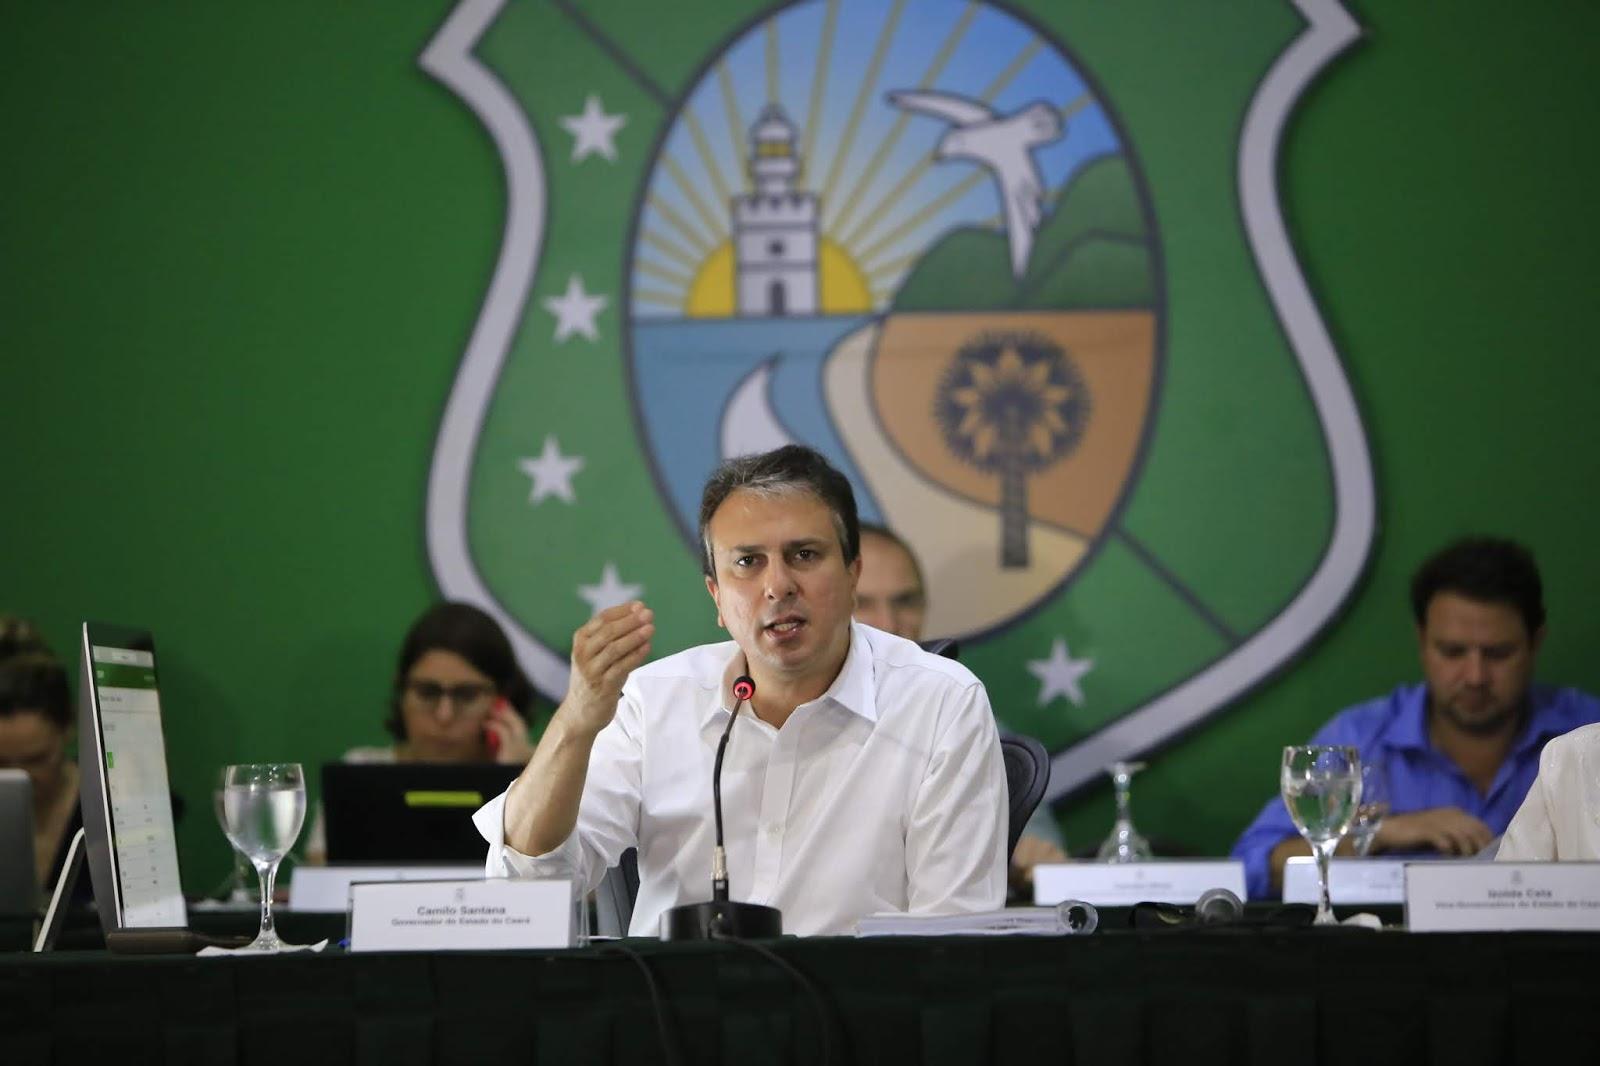 Governador vai sancionar lei que institui Programa Ceará Atleta como política pública